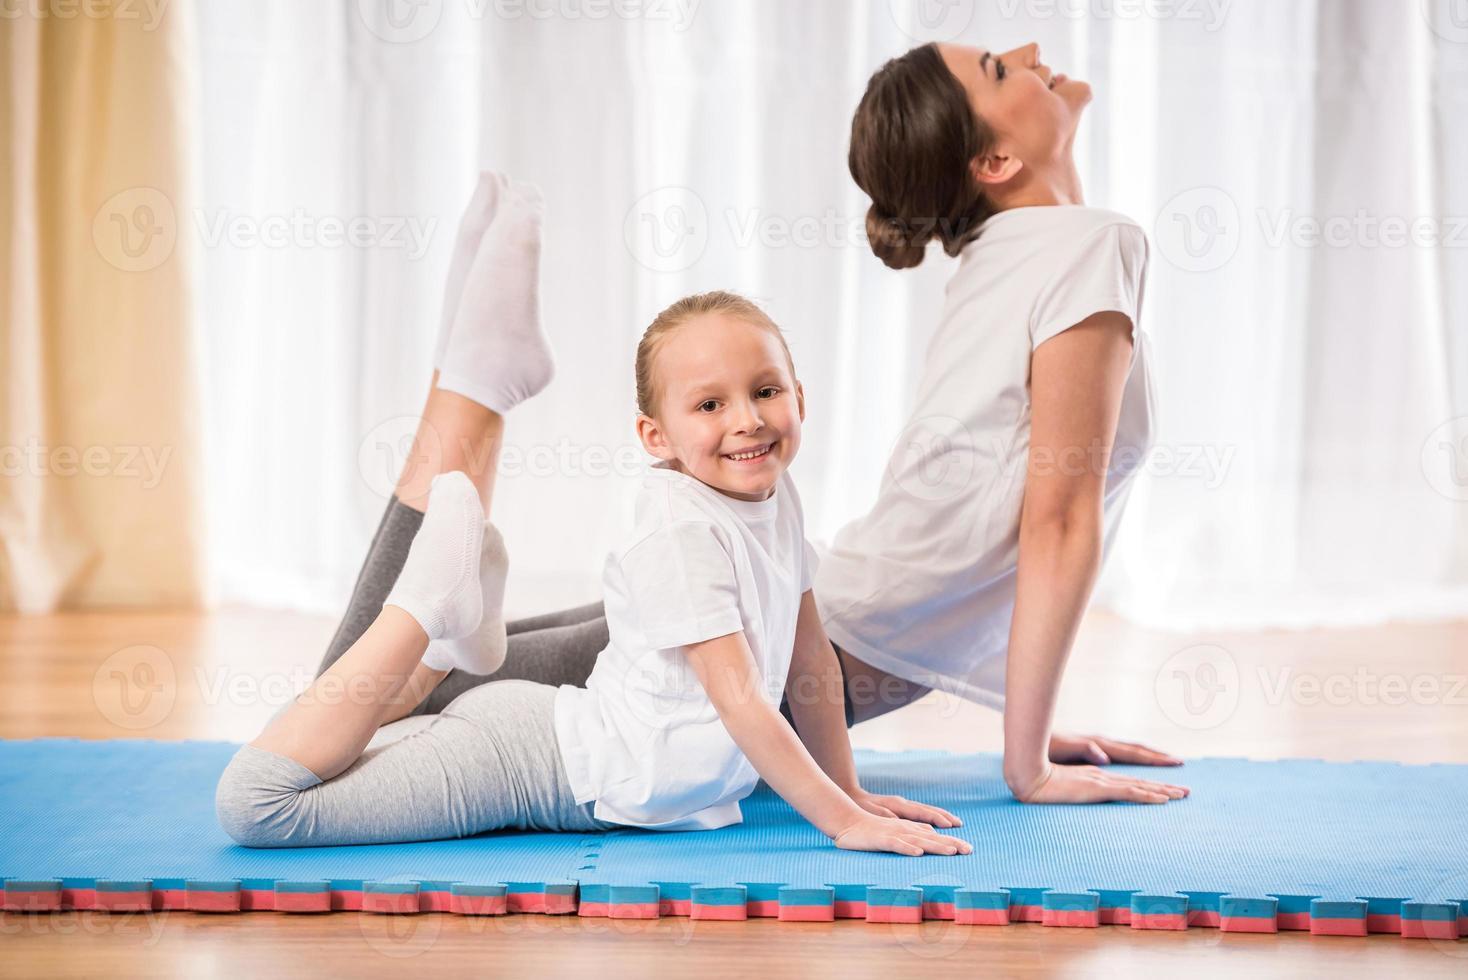 yoga hemma foto